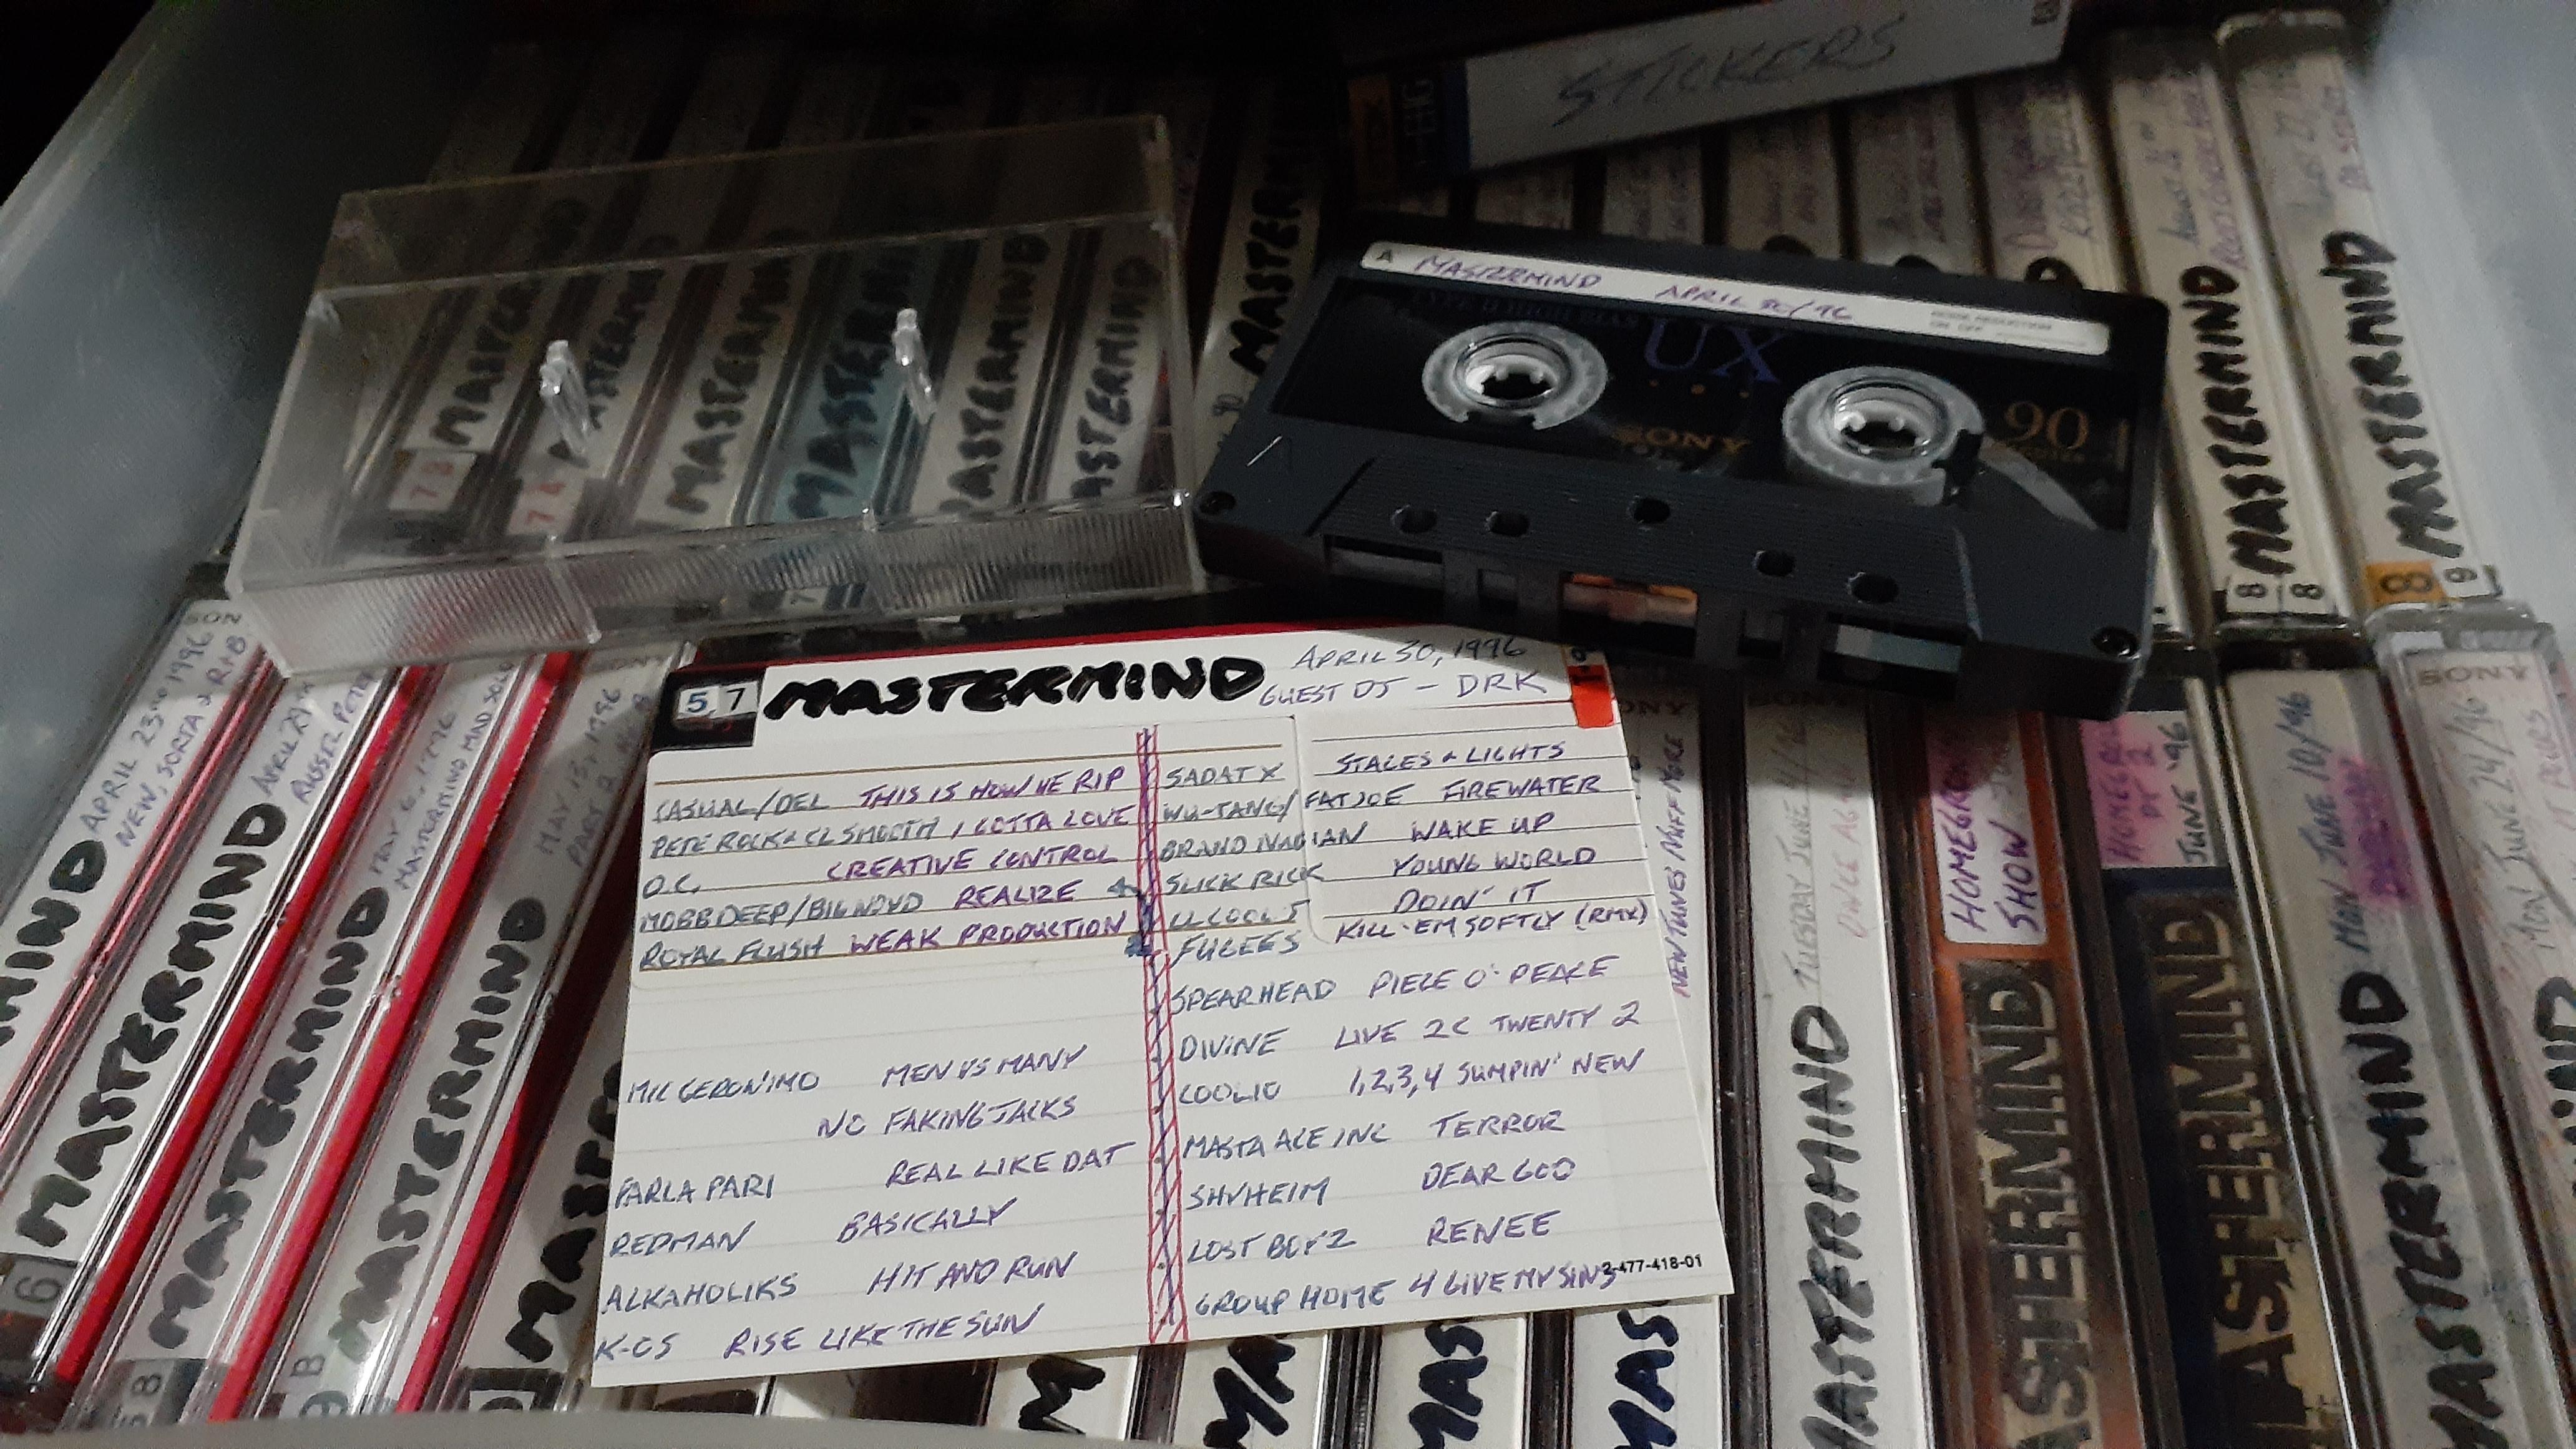 Mastermind Street Jam with DJ DRK